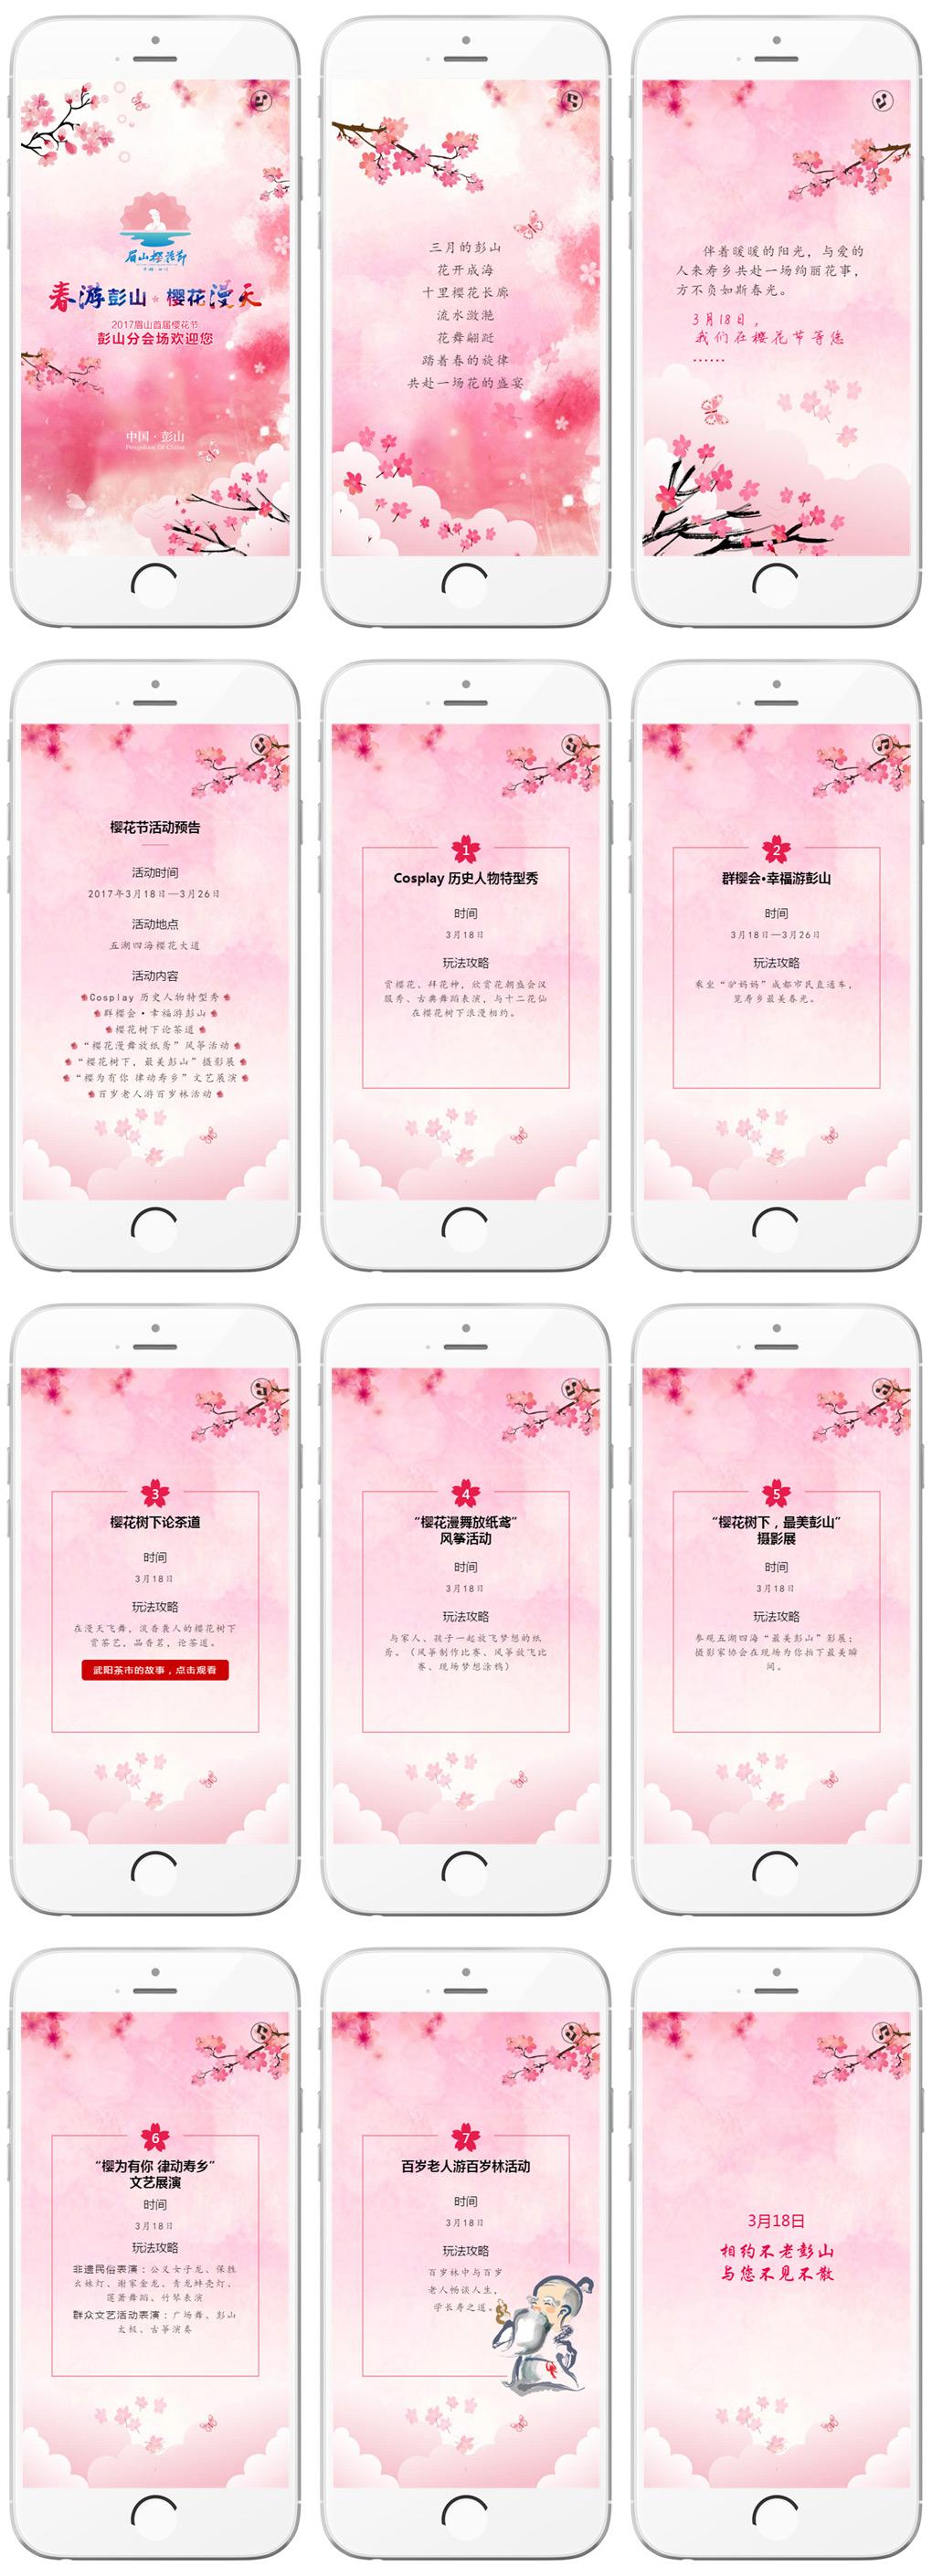 眉山樱花节邀请函H5设计